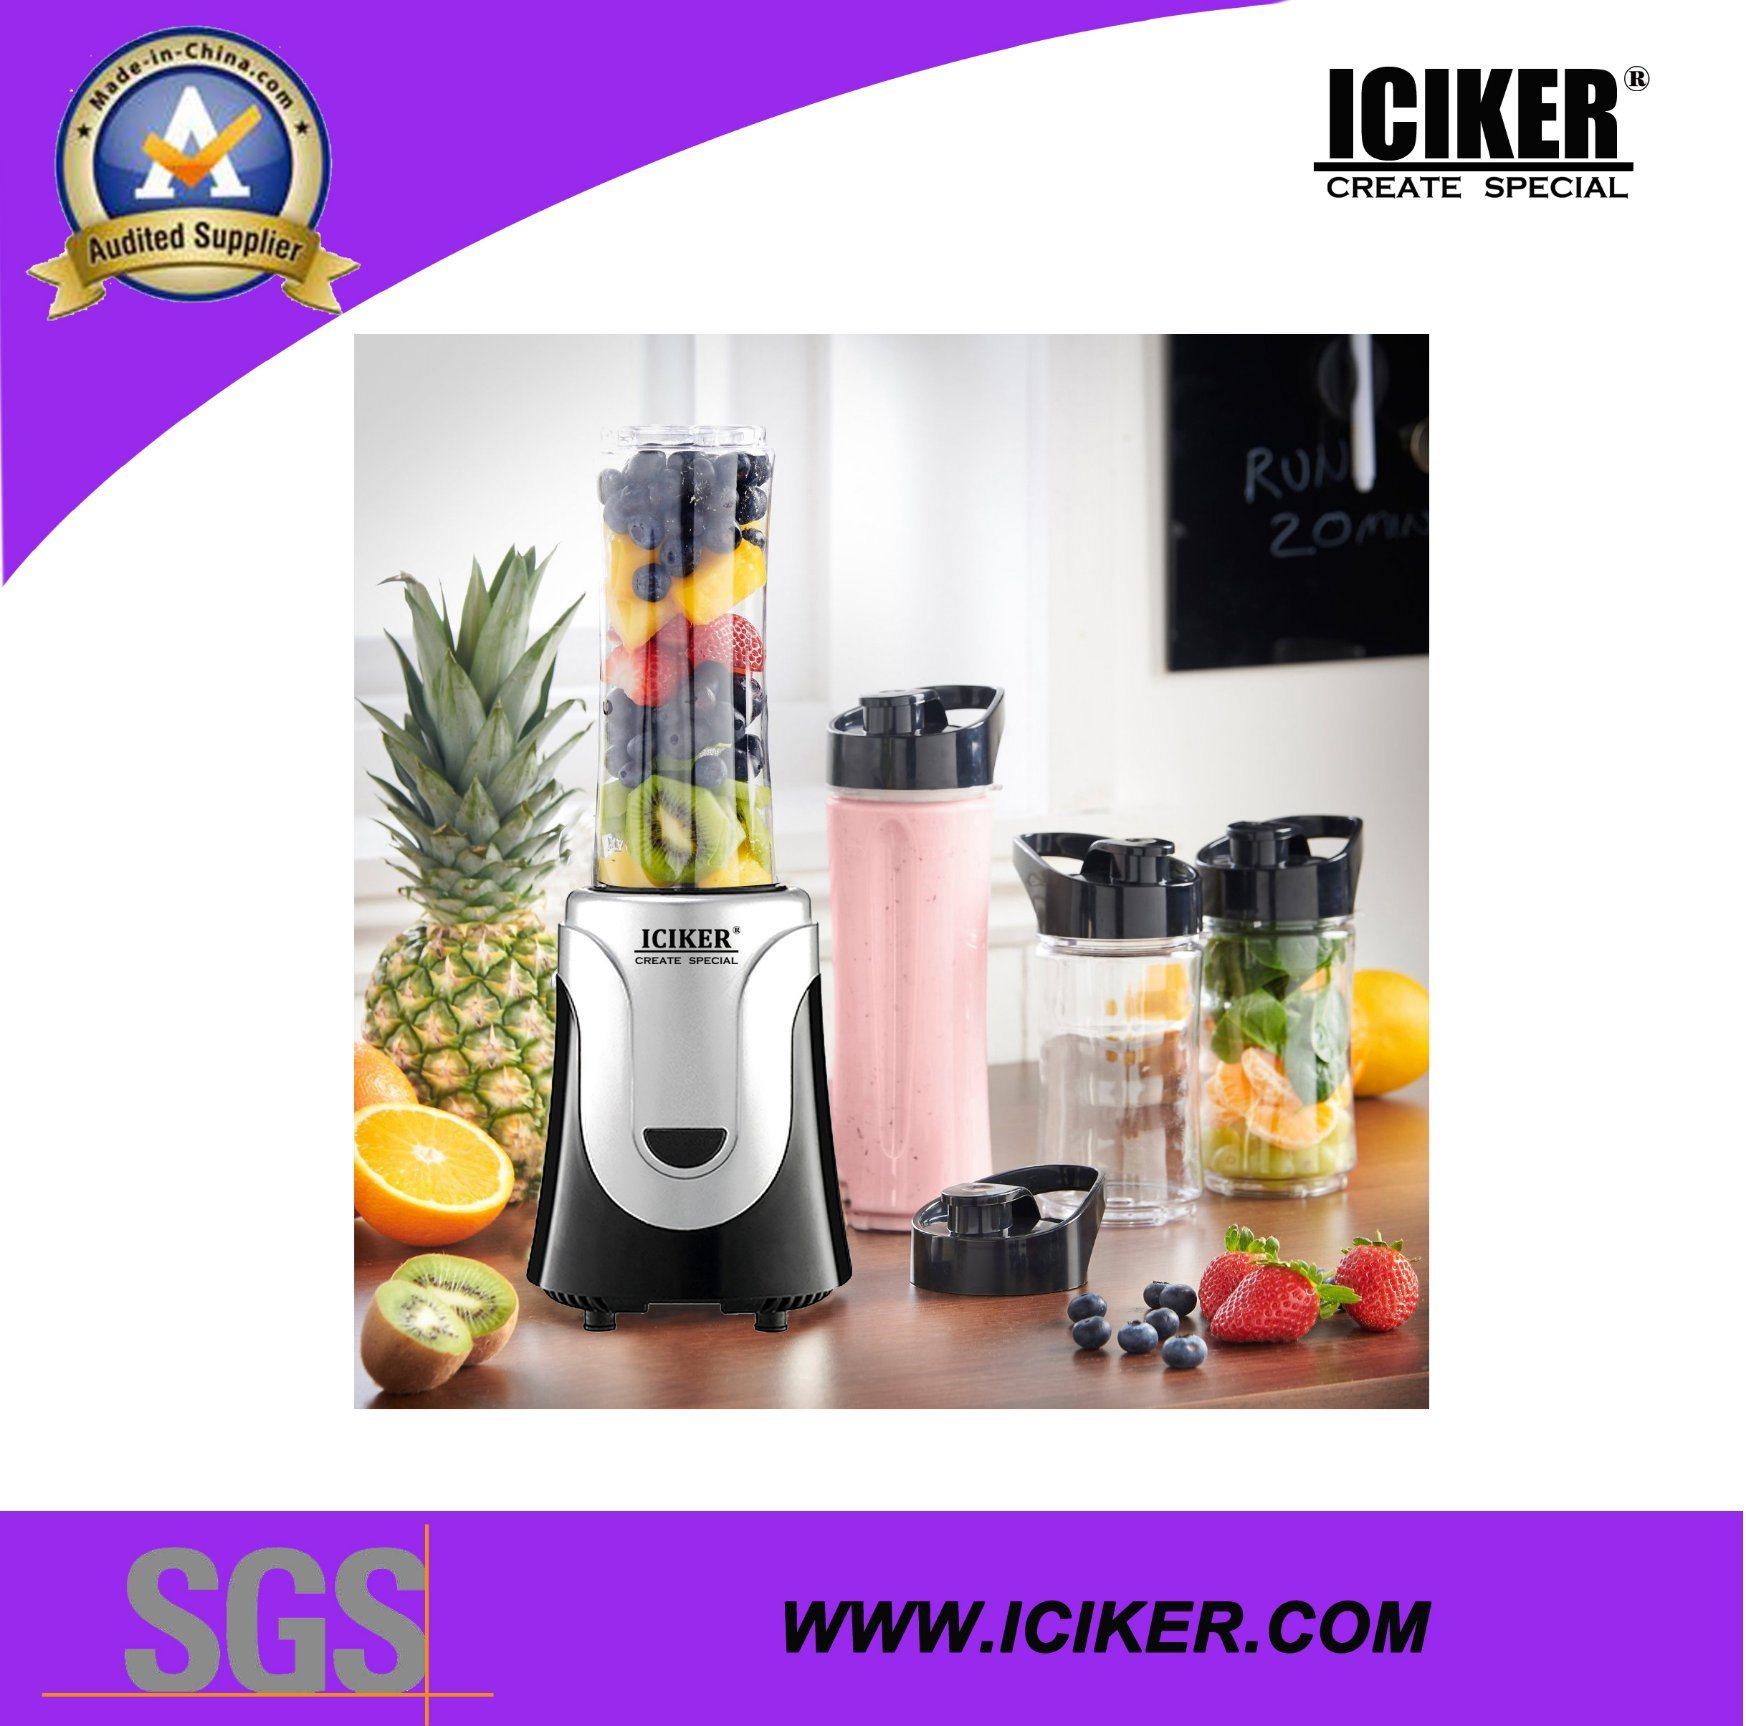 Home Appliance-Juicer Blender